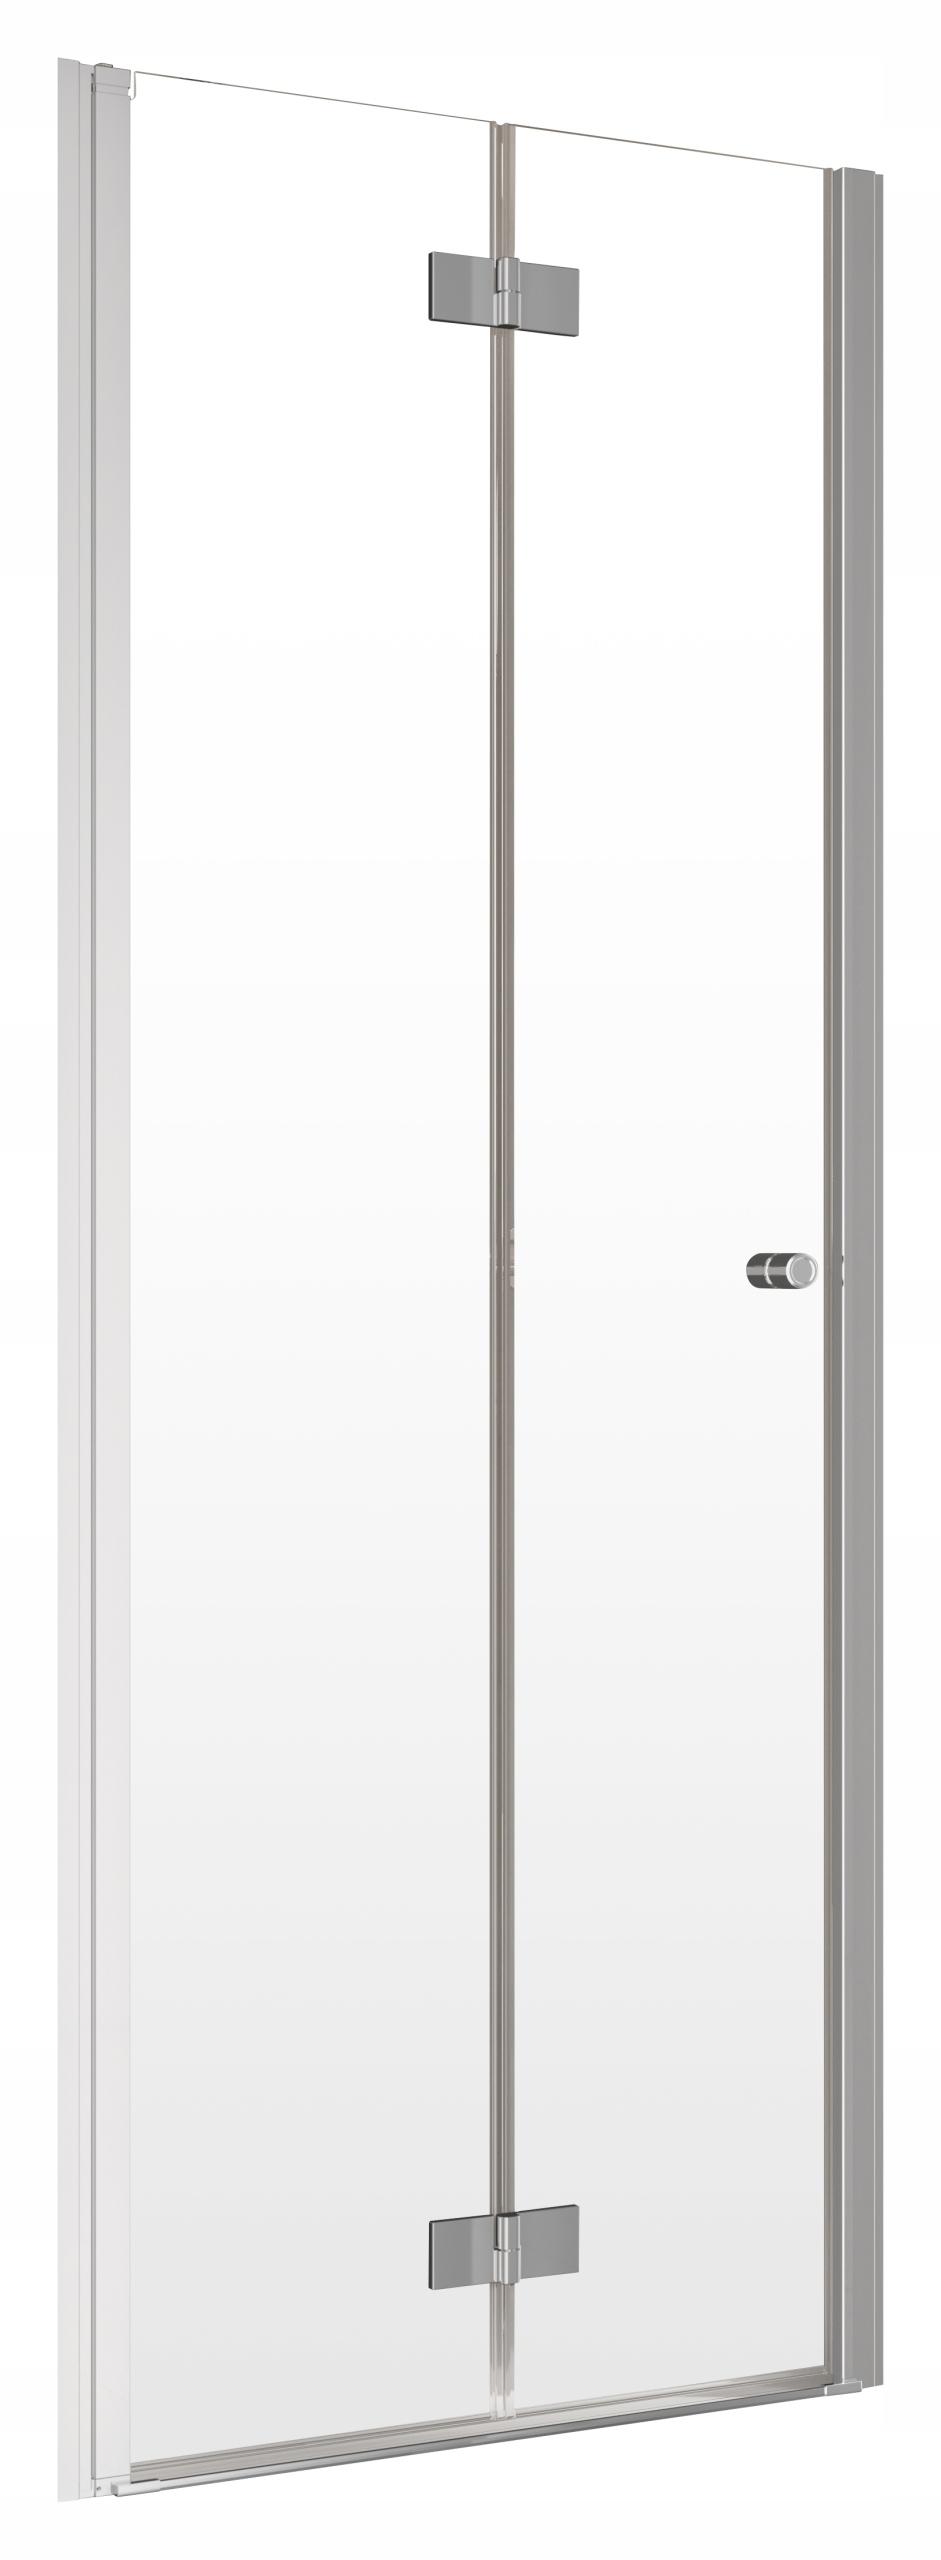 Sprchové dvere NES DWB 80x200 cm RADAWAY